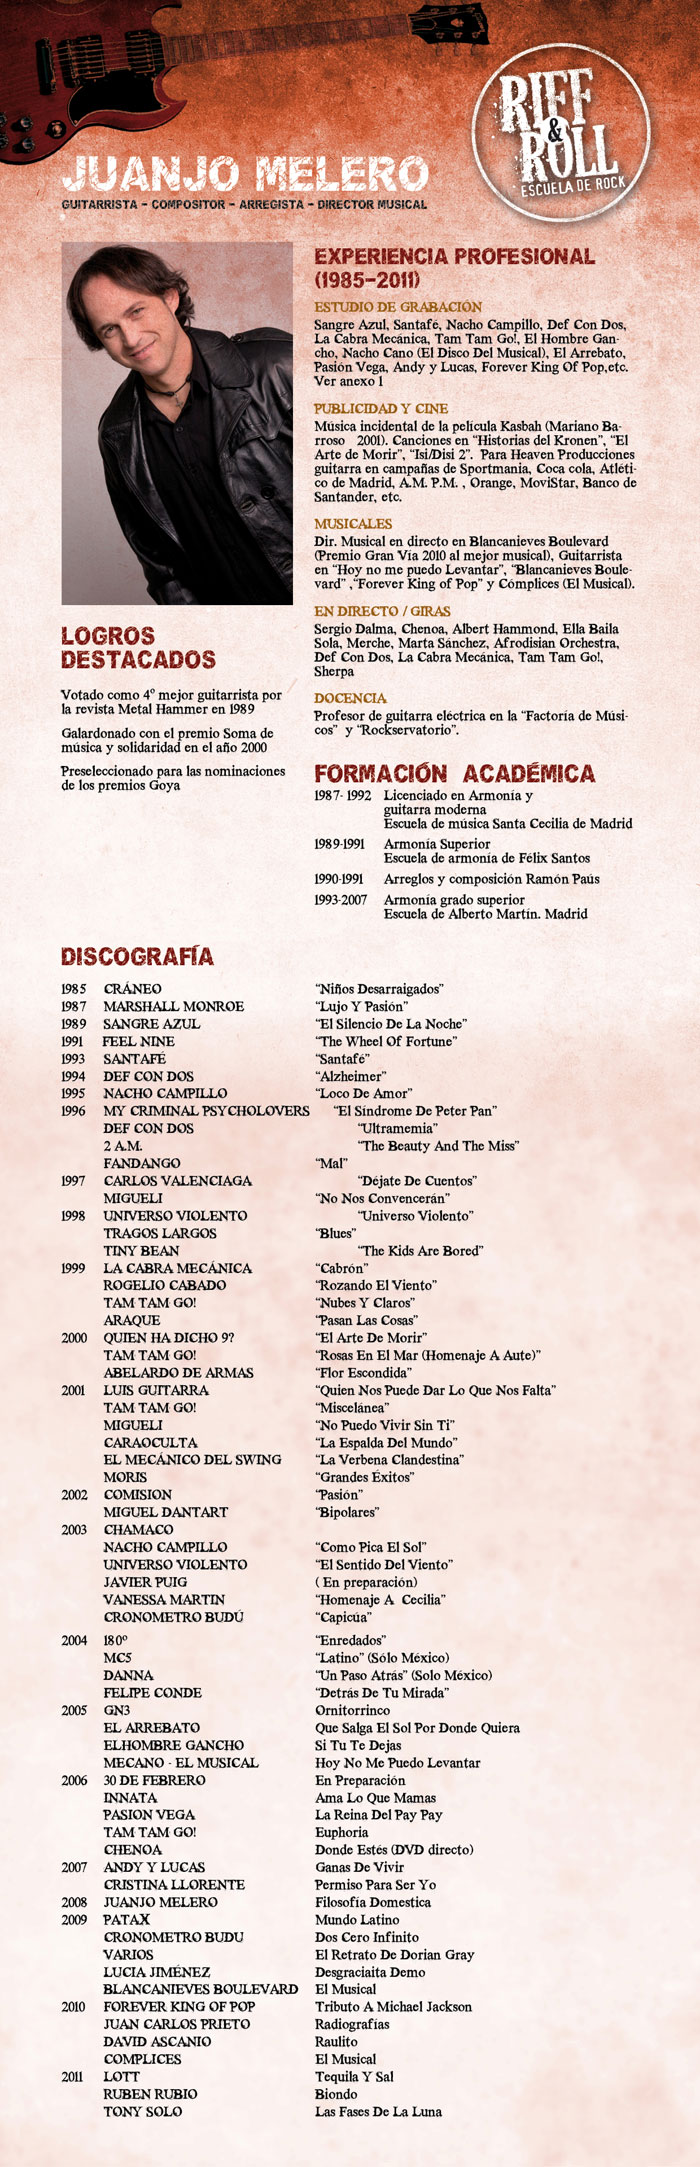 Curriculum Juanjo Melero